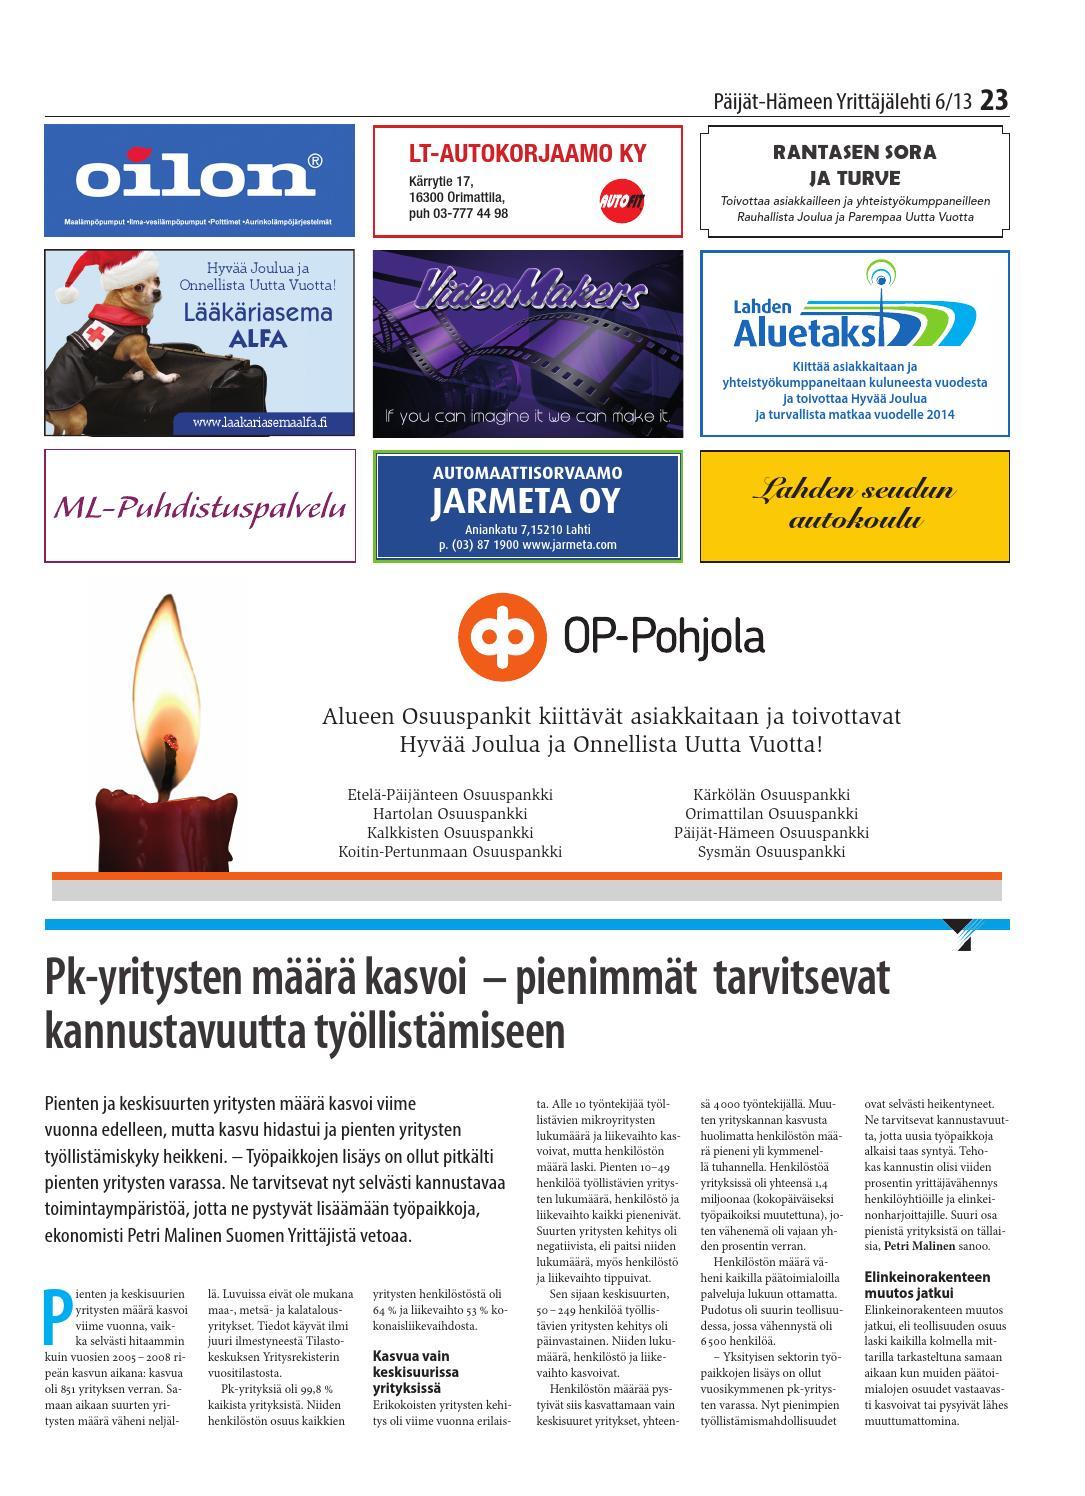 Päijät-Hämeen Osuuspankki